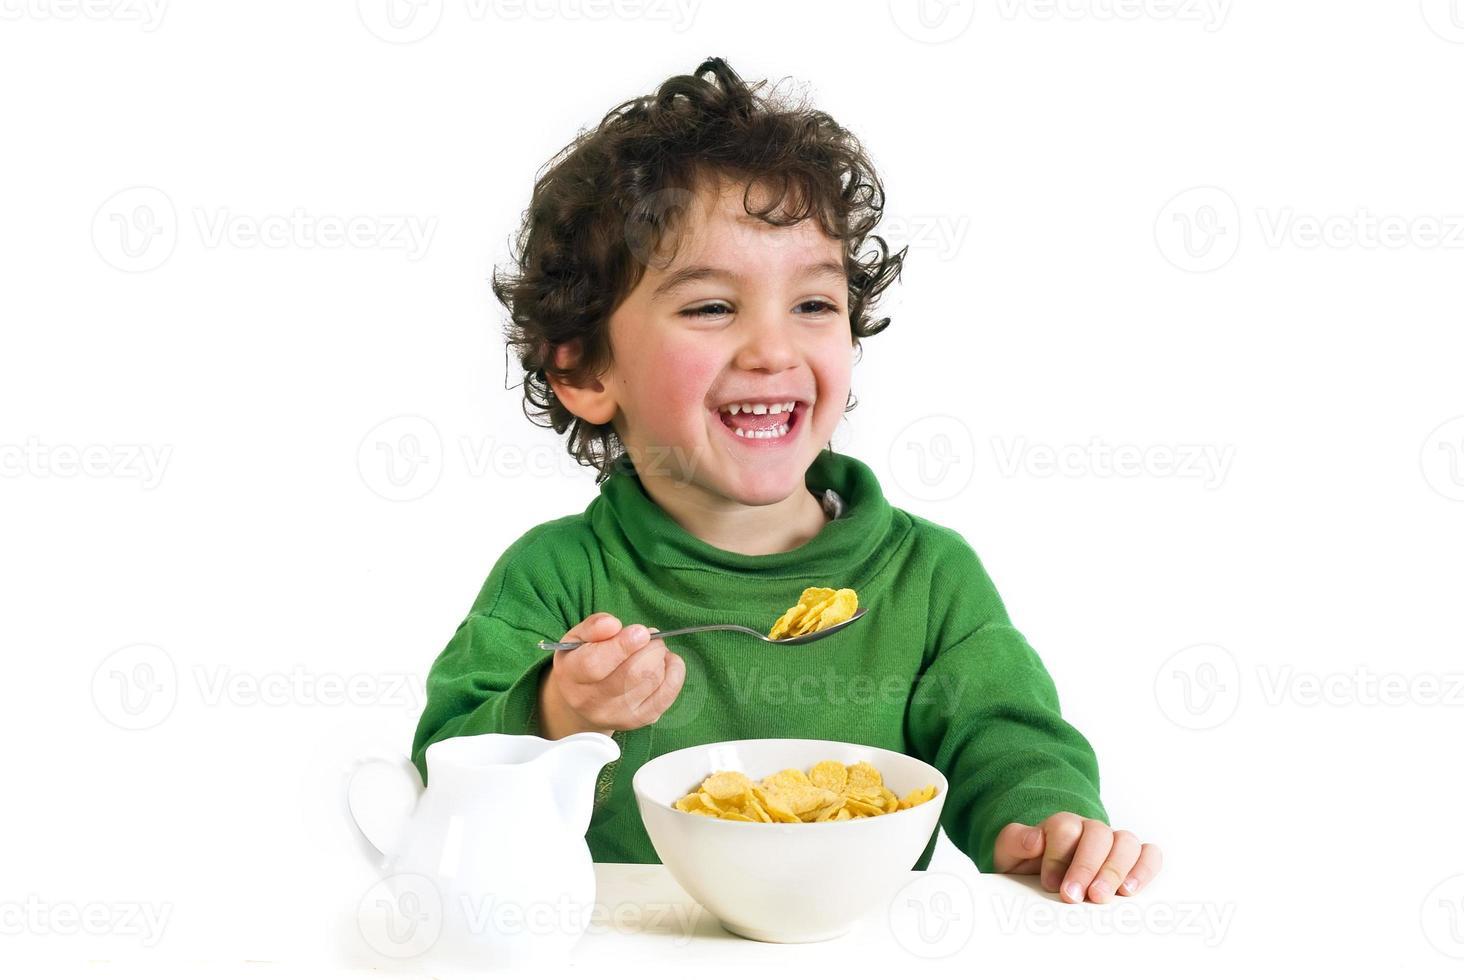 jongen lacht, genietend van zijn ontbijtgranen met melk foto